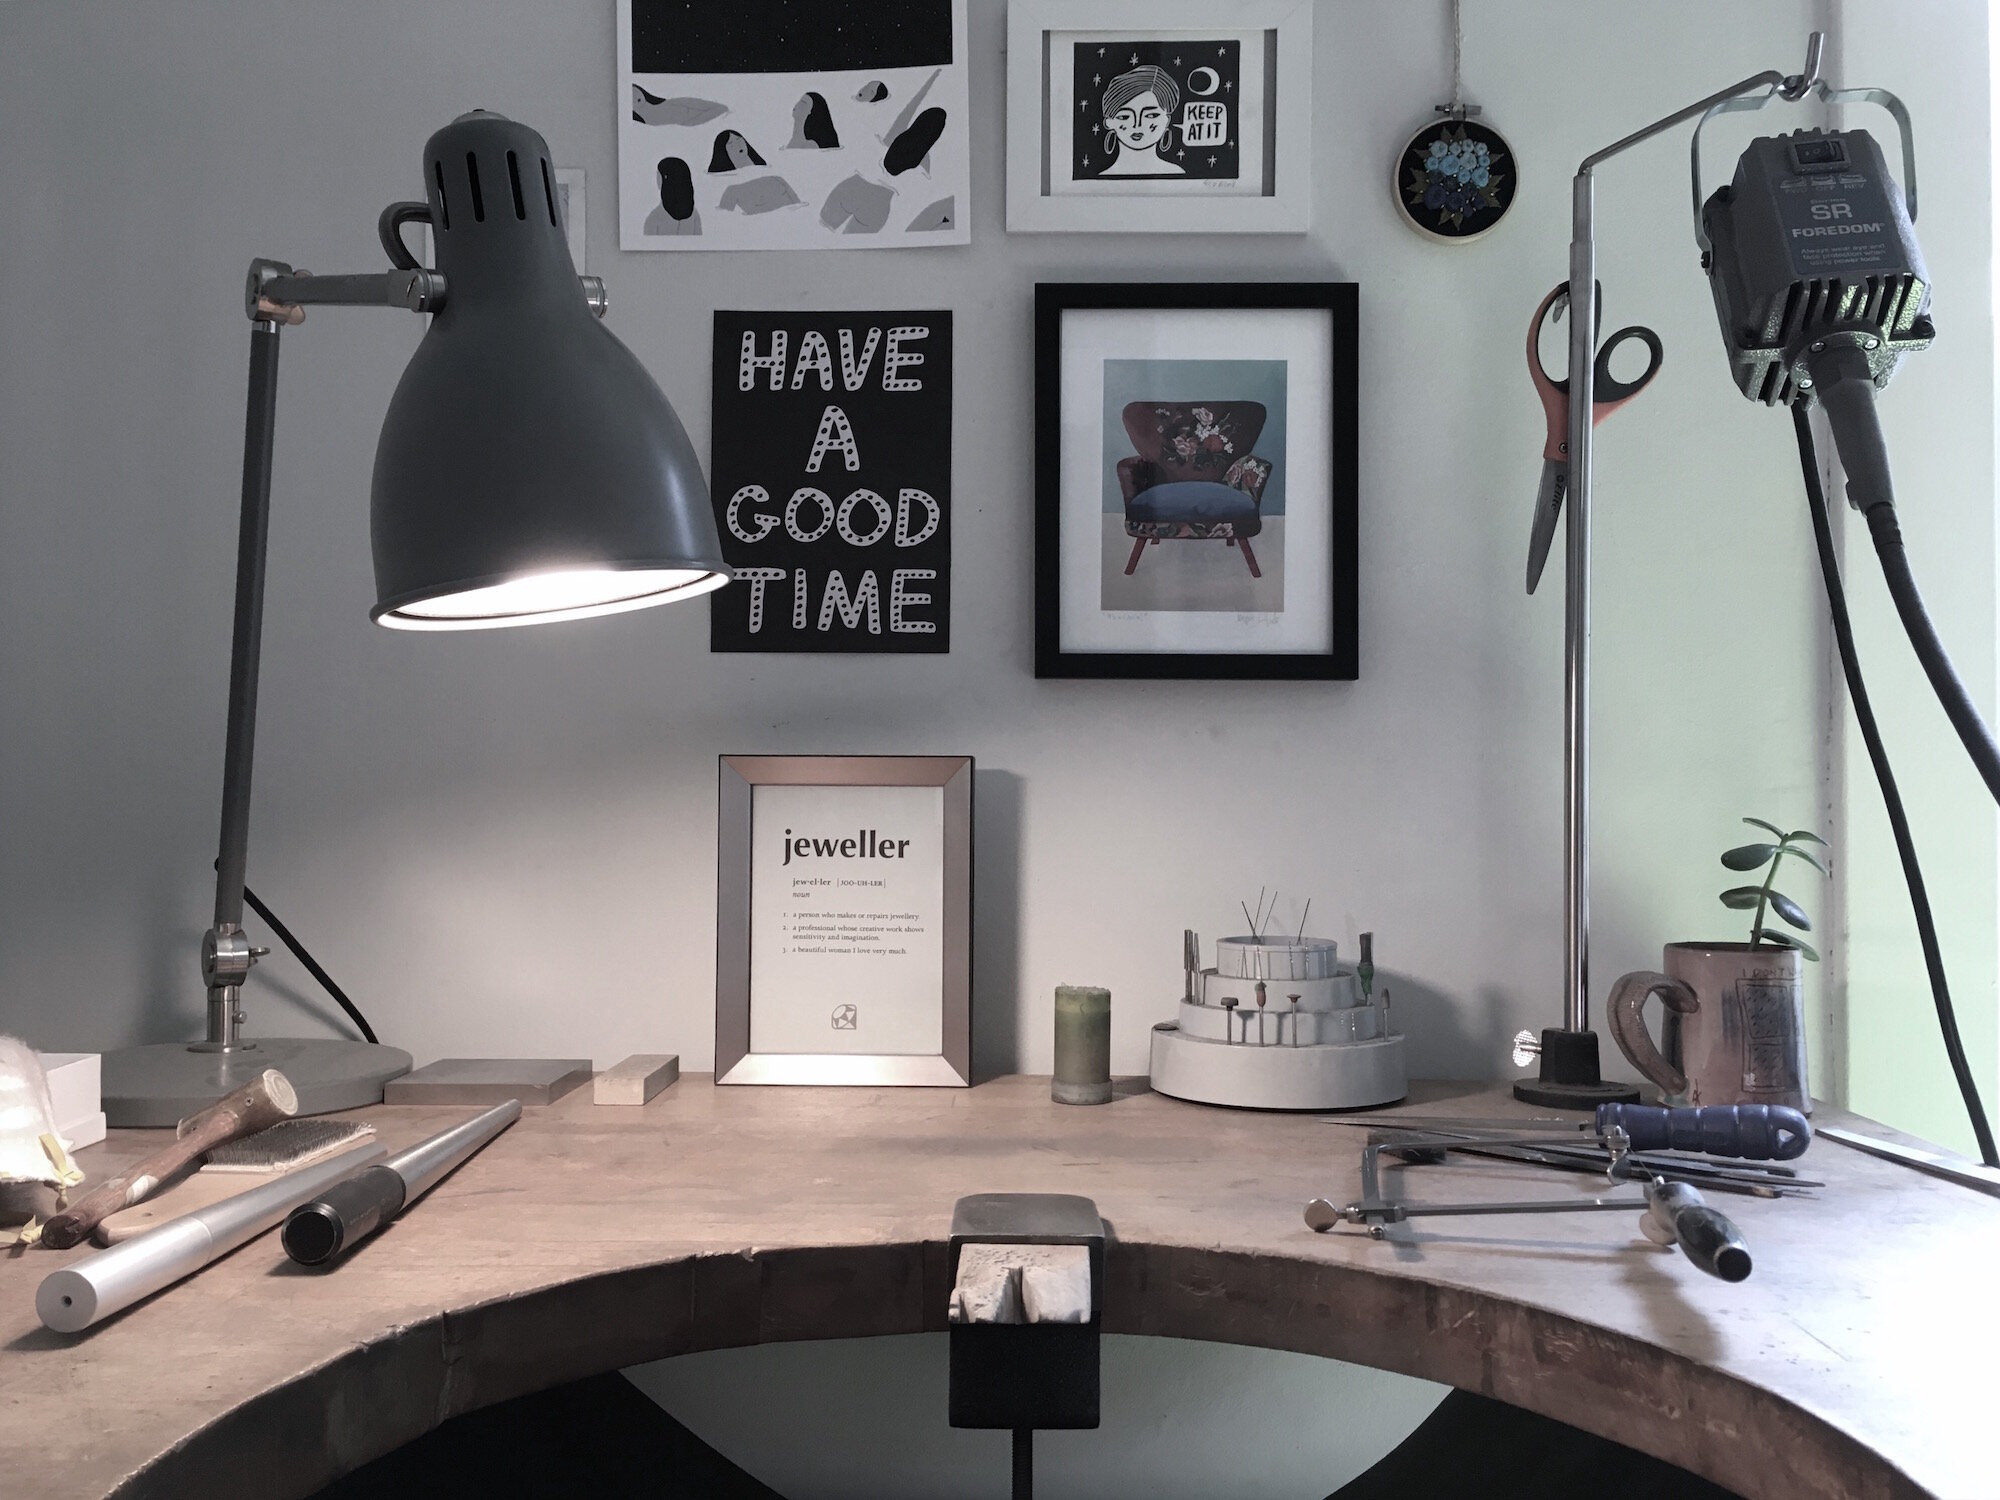 K. Claire MacDonald Jewellery Design & Sculpture studio